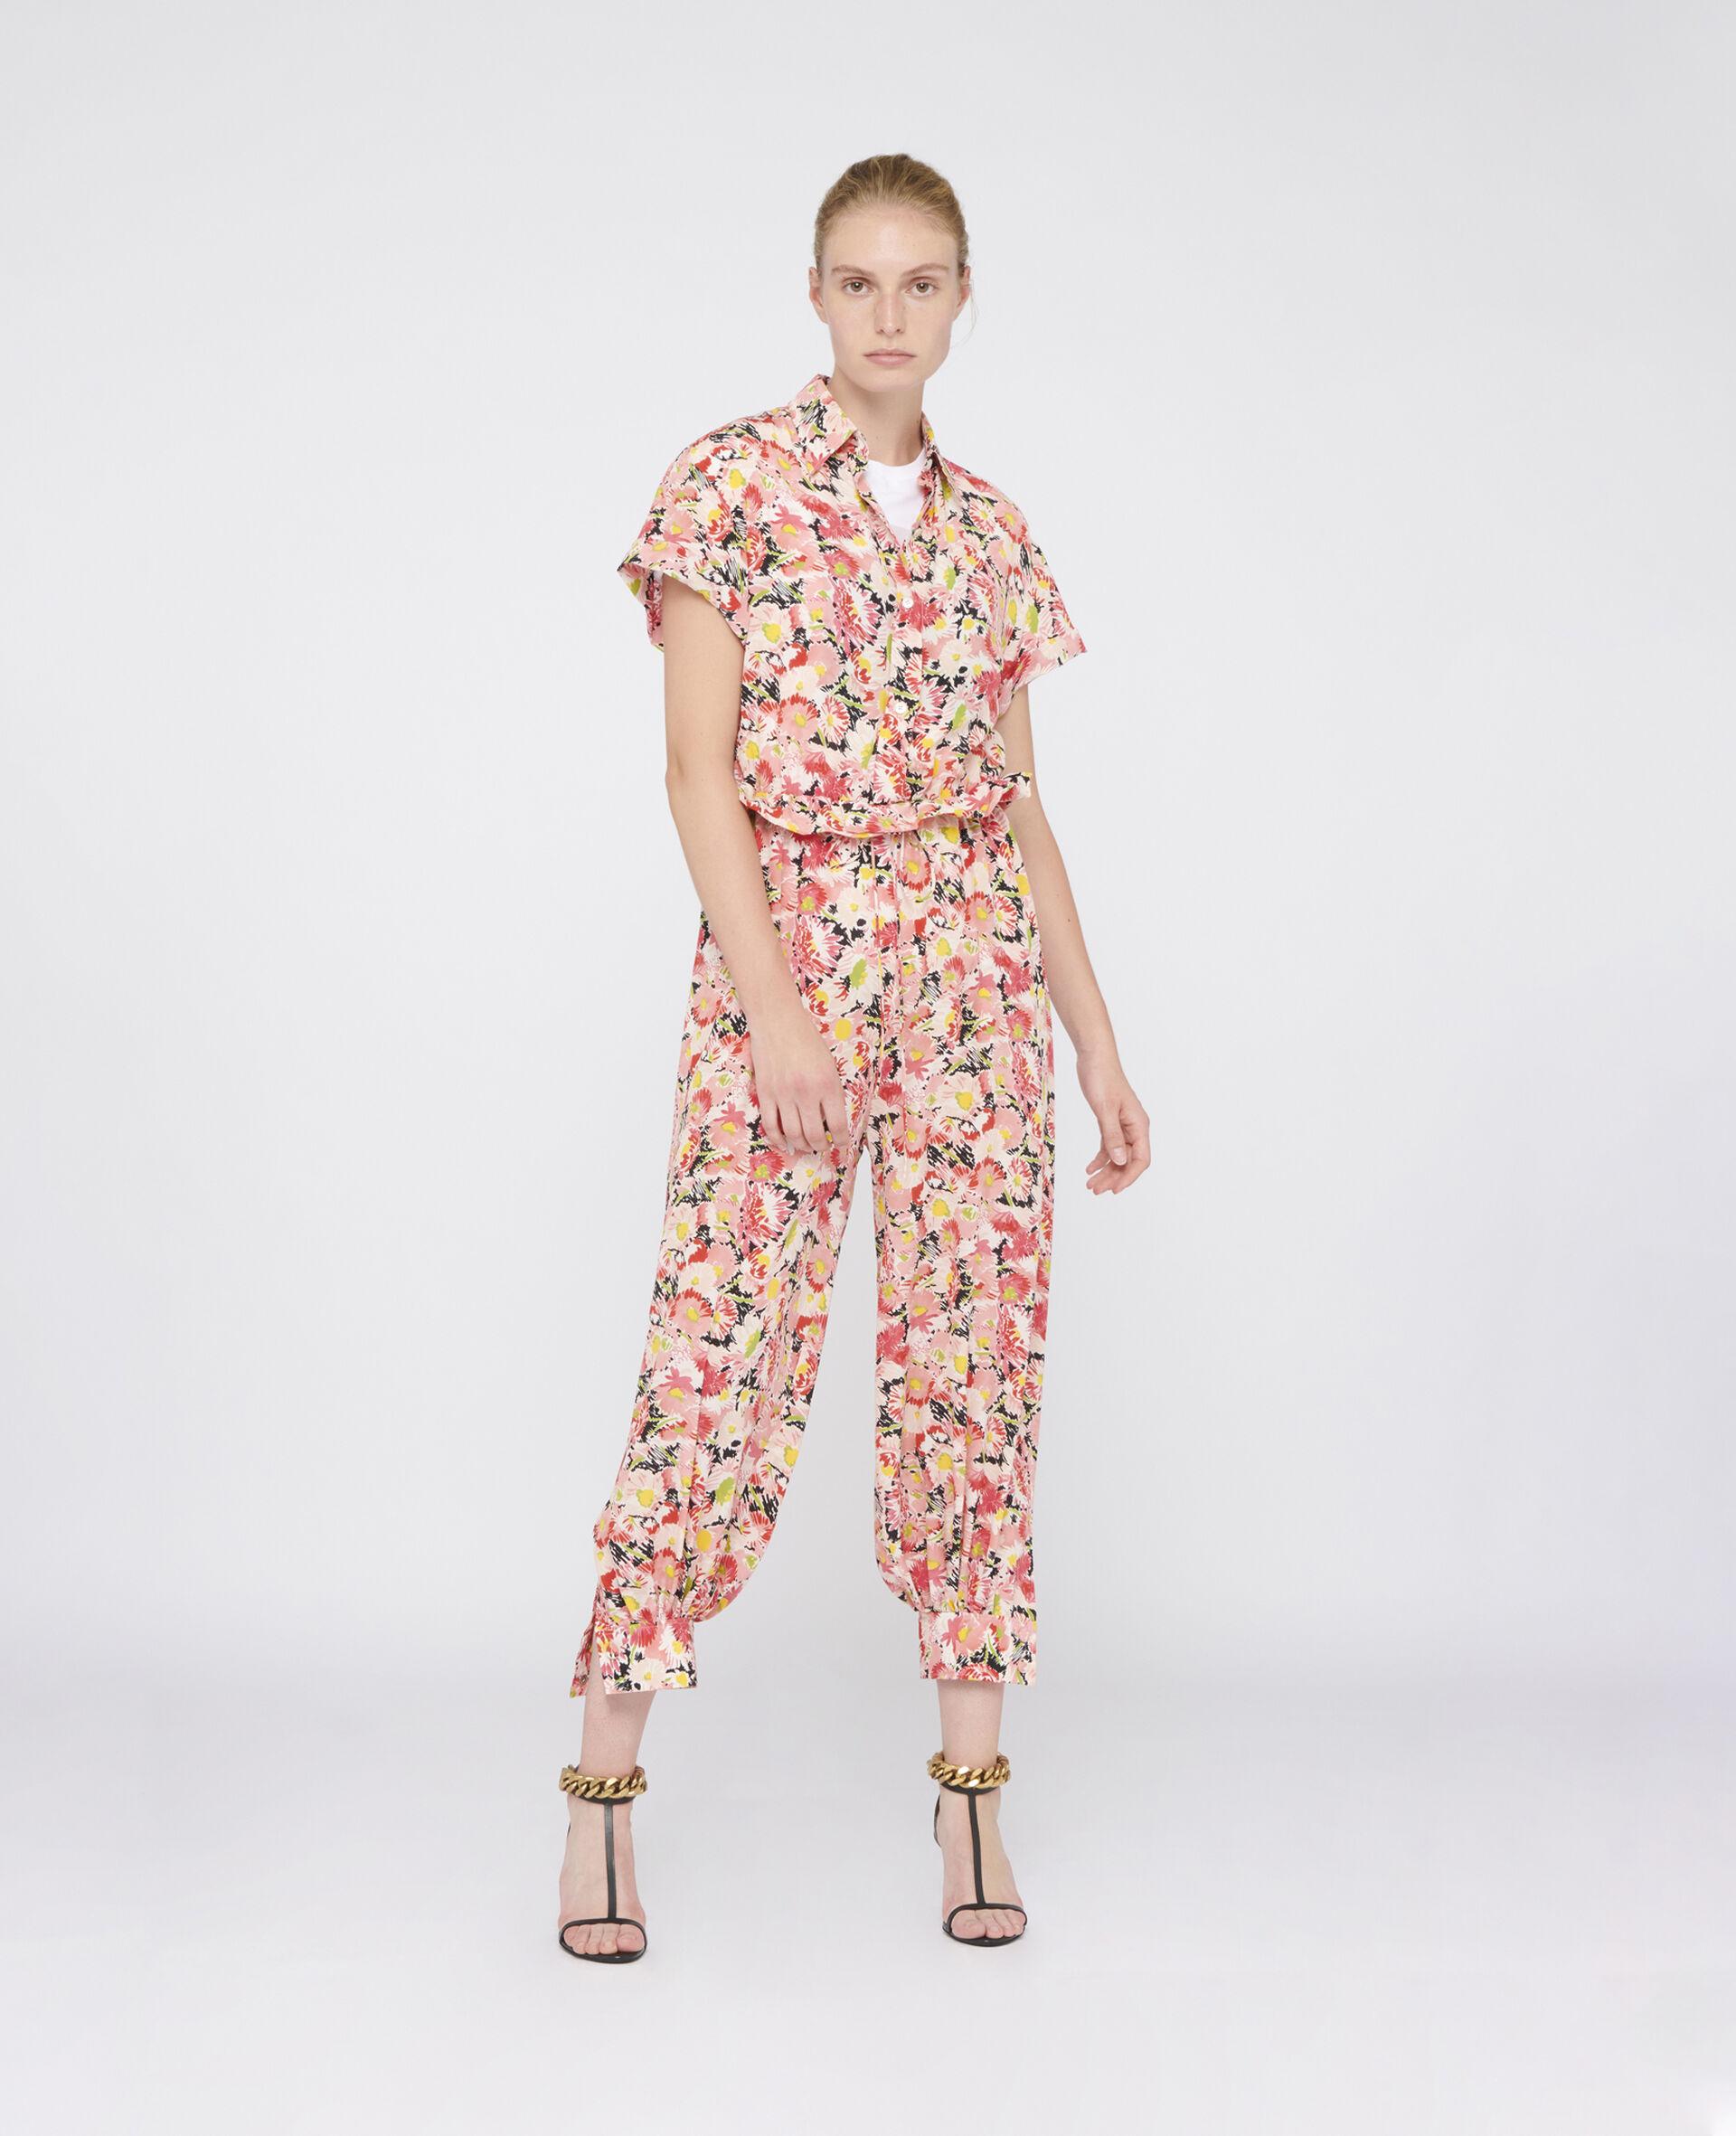 Stella McCartney Tuta a maniche corte multicolor stampa floreale, collo a camicia, abbottonatura a 3/4